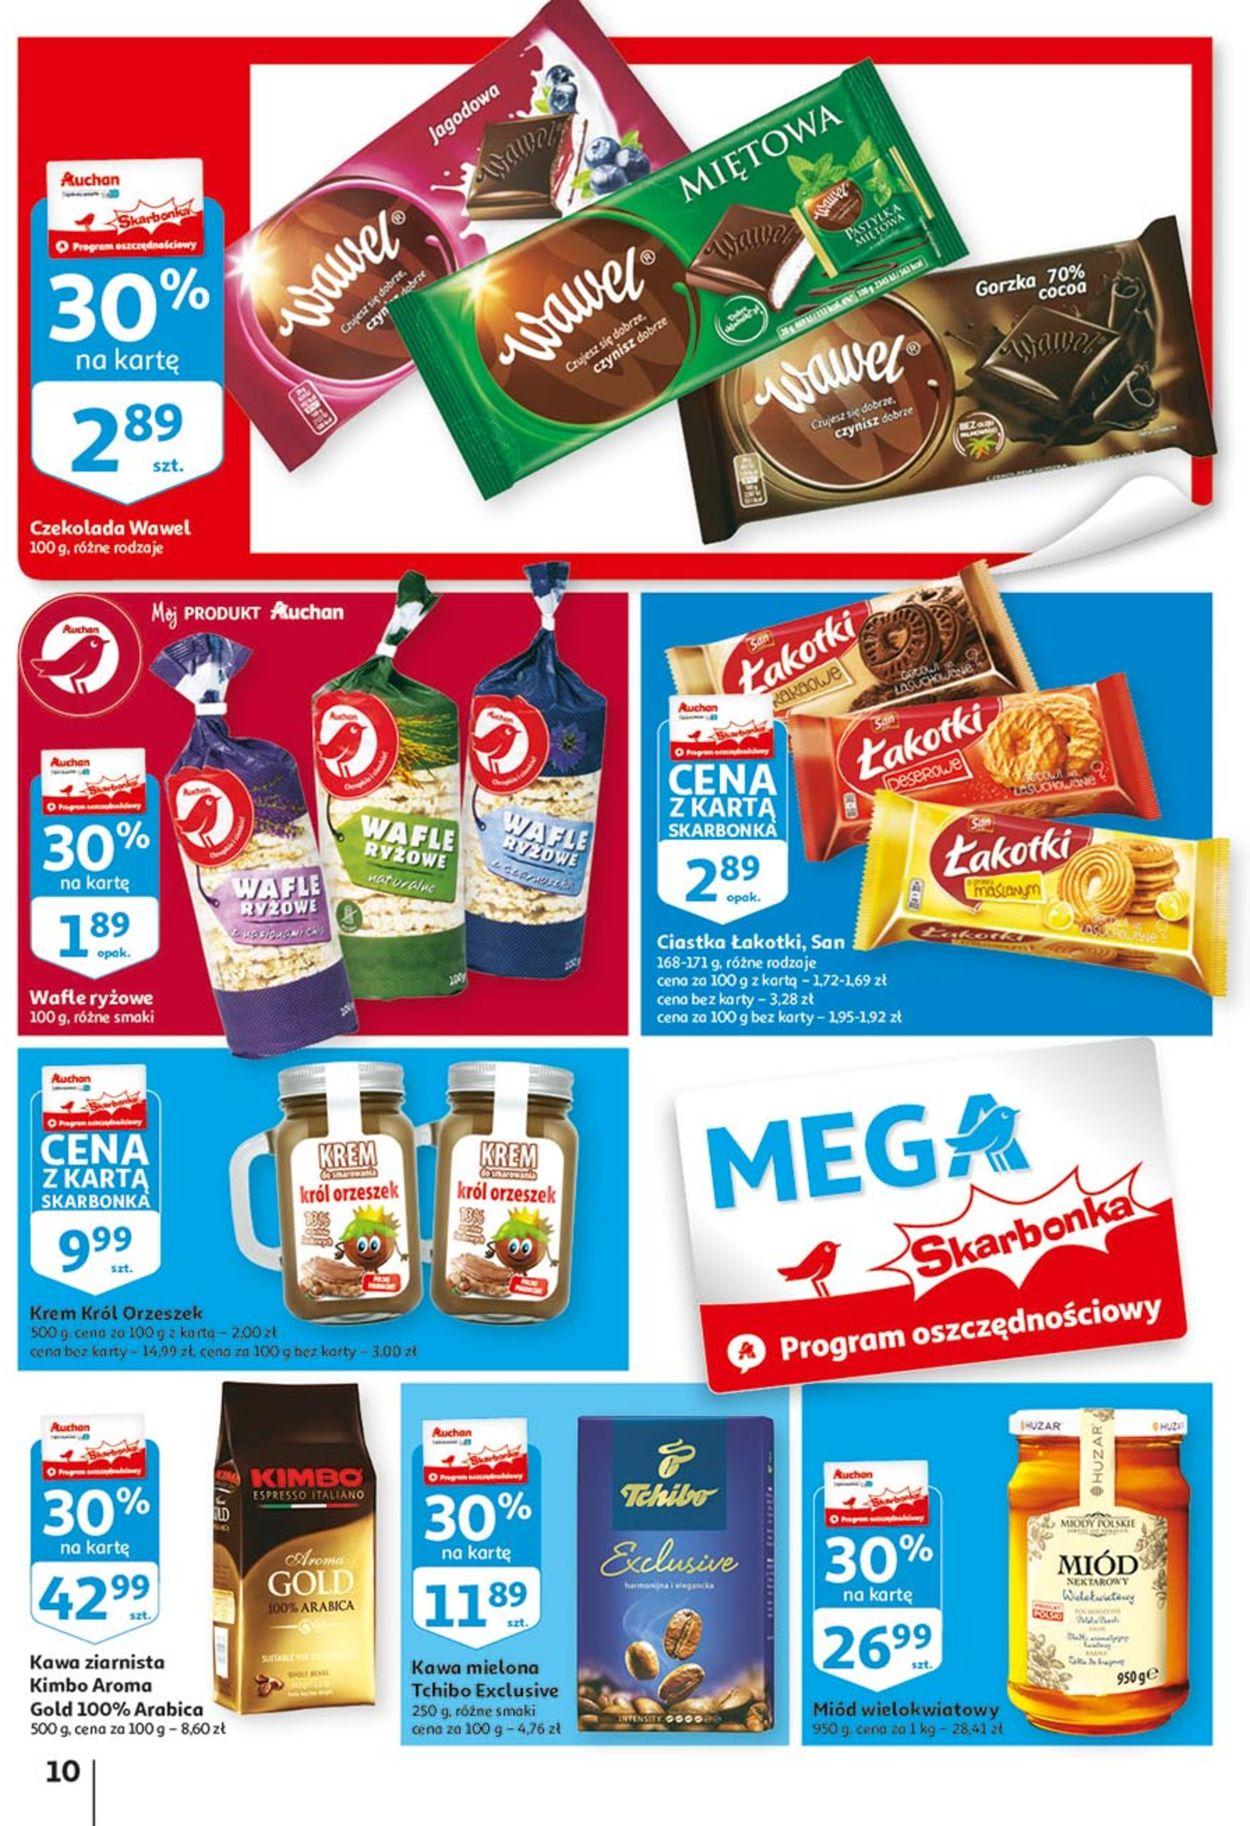 Gazetka promocyjna Auchan - 04.06-10.06.2020 (Strona 10)